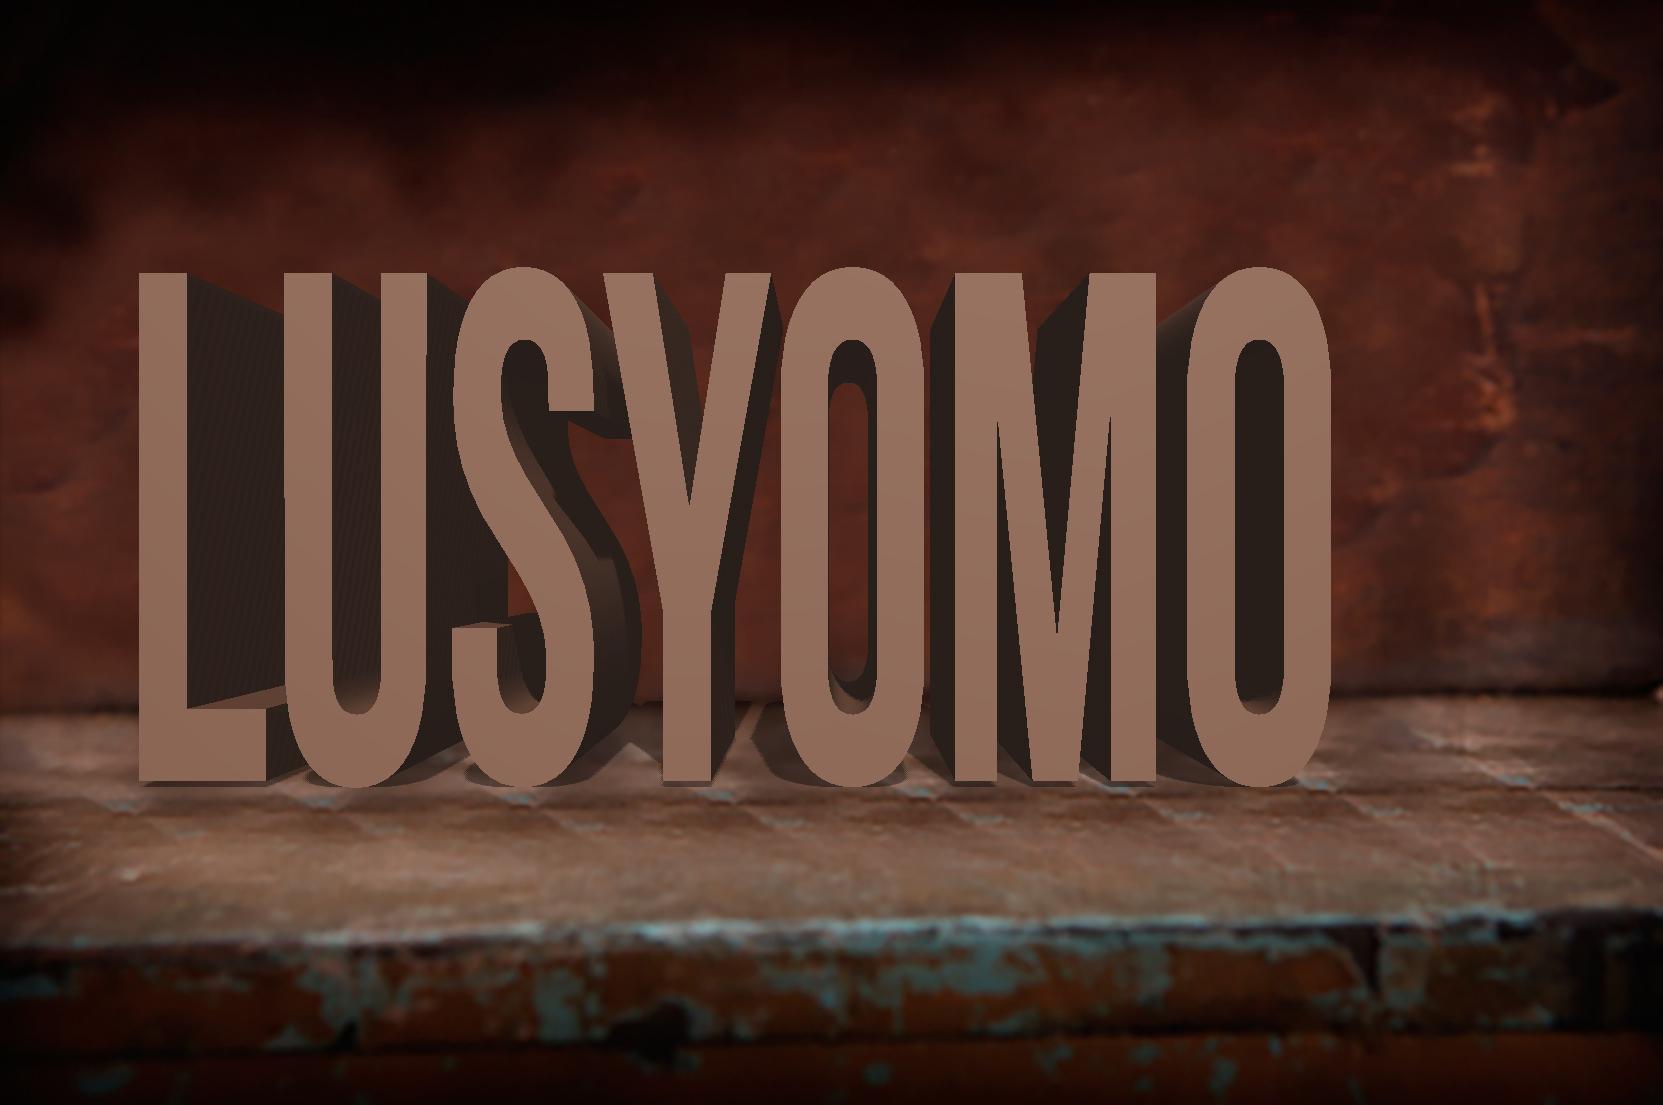 lusyomo